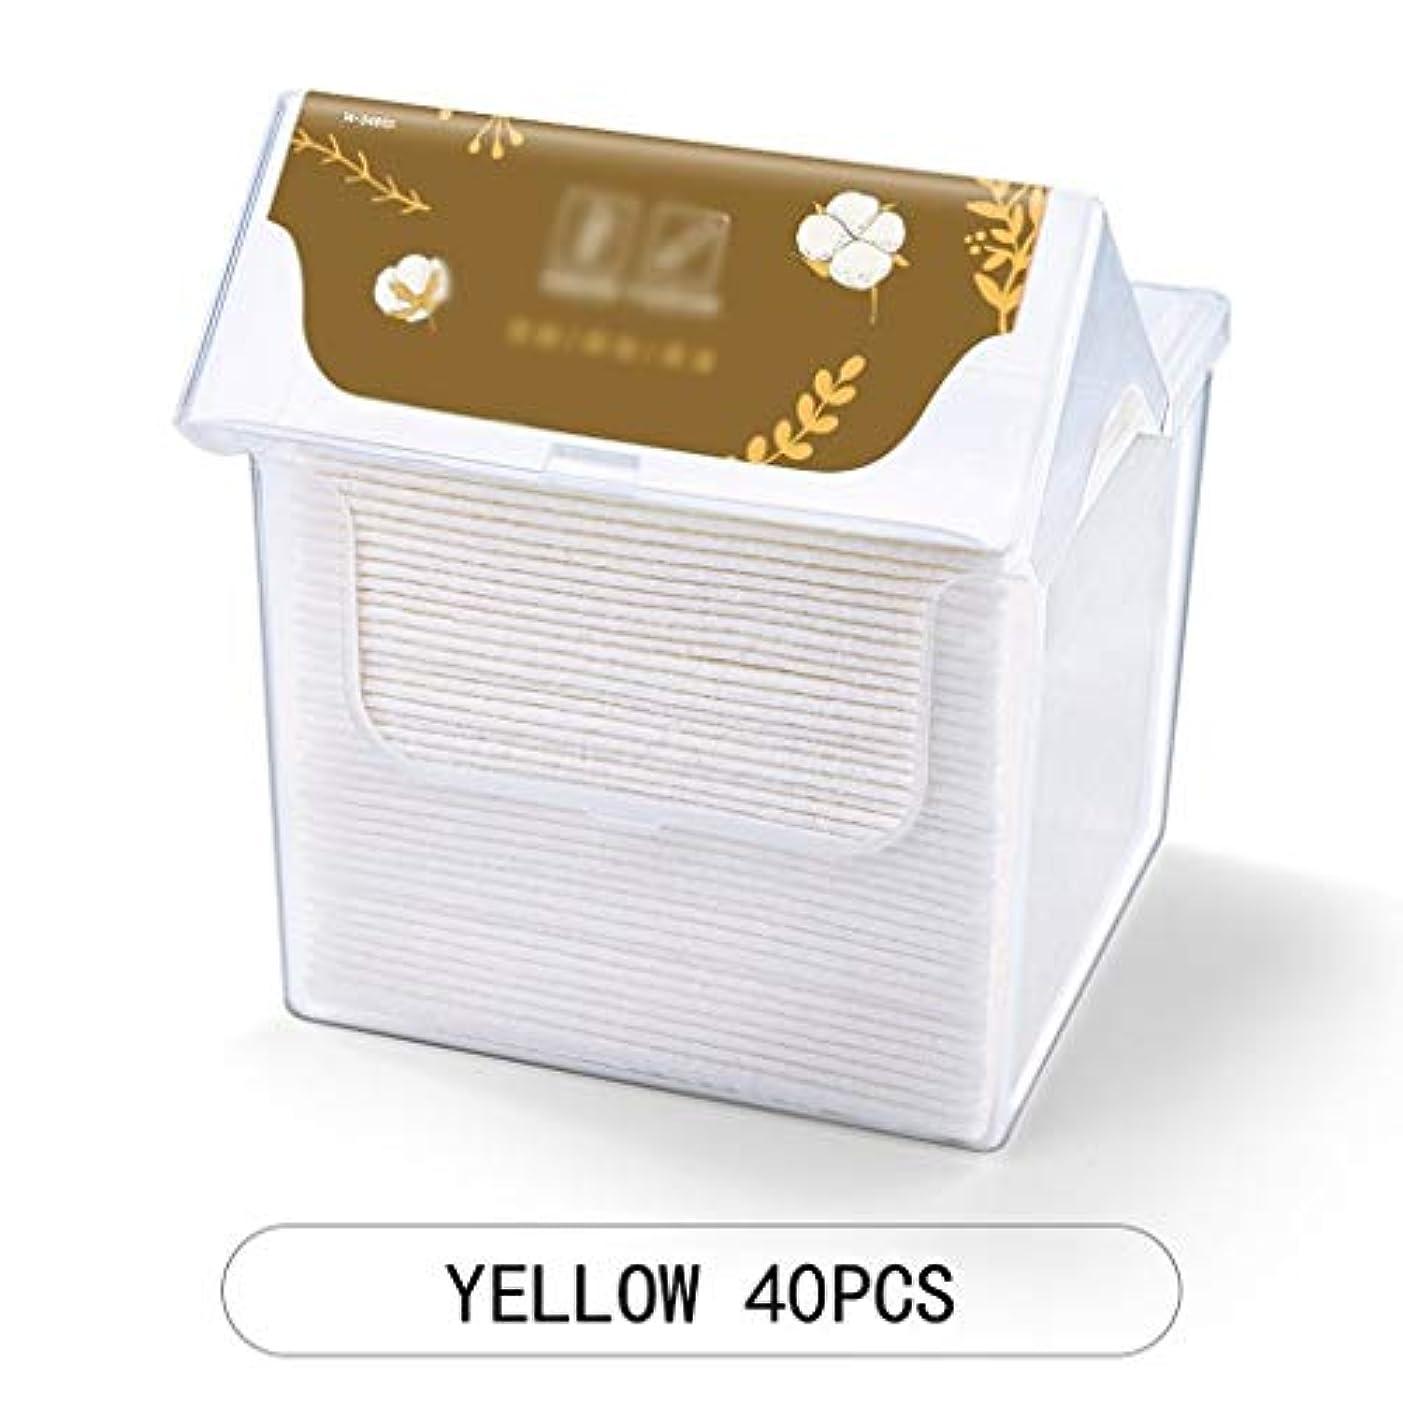 染色喜んで職人クレンジングシート 柔らかい綿のティッシュメイクアップワイプ多目的フェイスクリーニングフェイスクロスコットンパッドメイクアップ取り外し家庭用クリーニング (Color : Green)